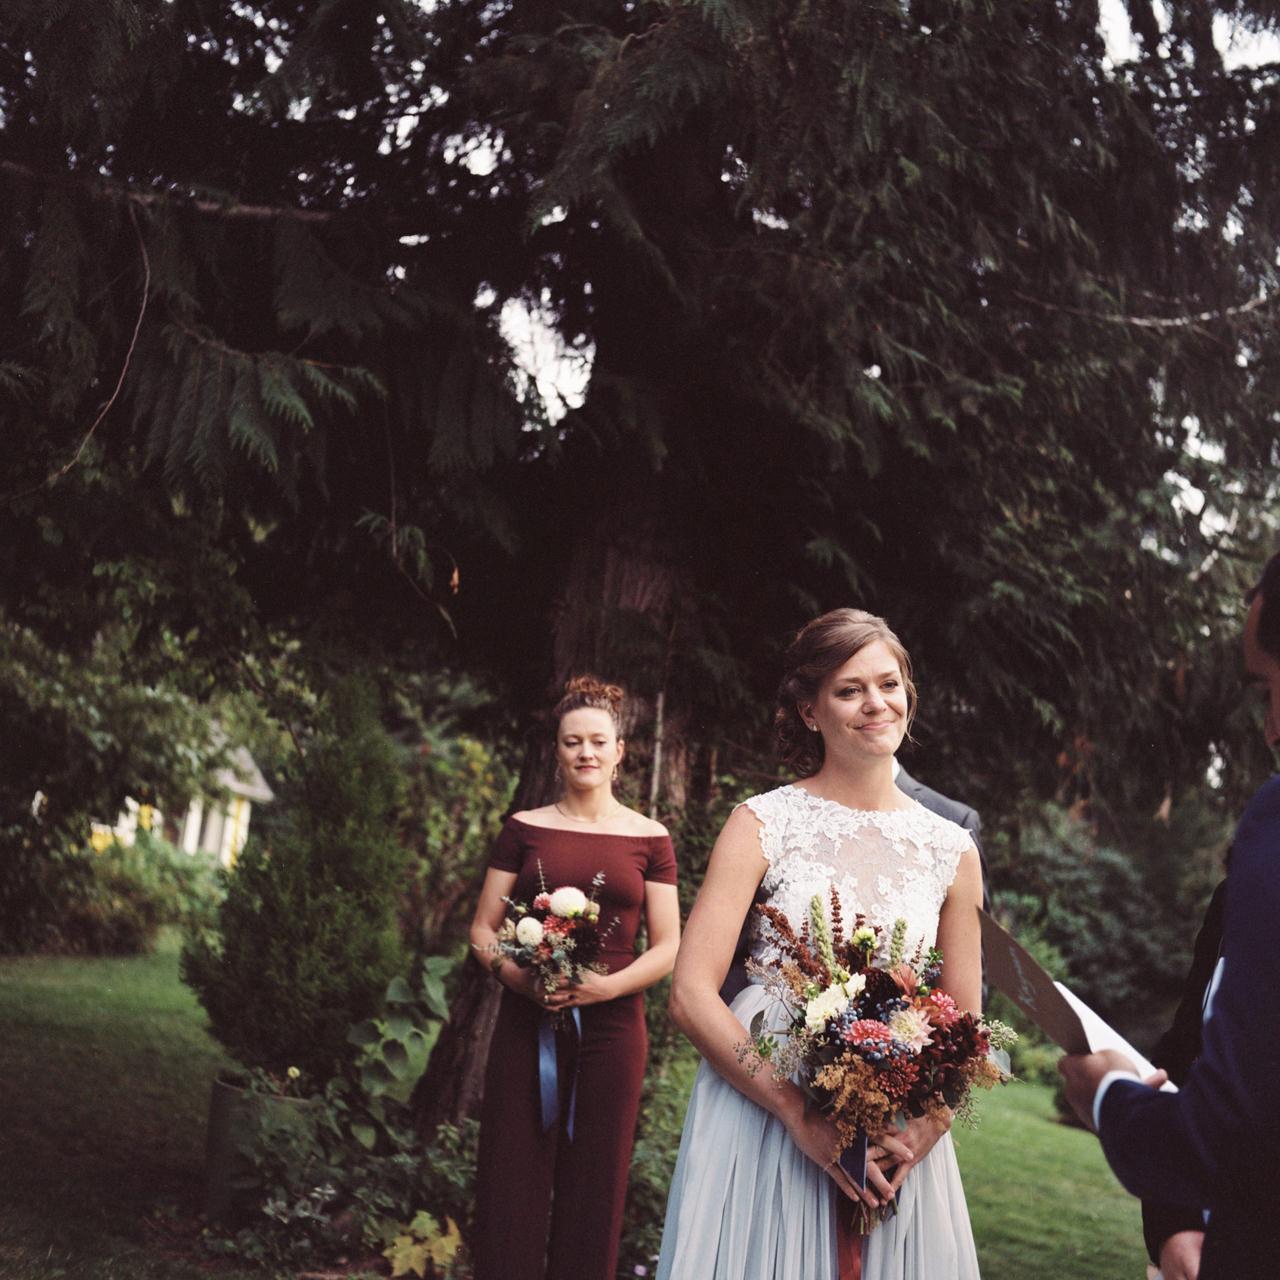 mt-hood-organic-farms-film-wedding-16a.jpg